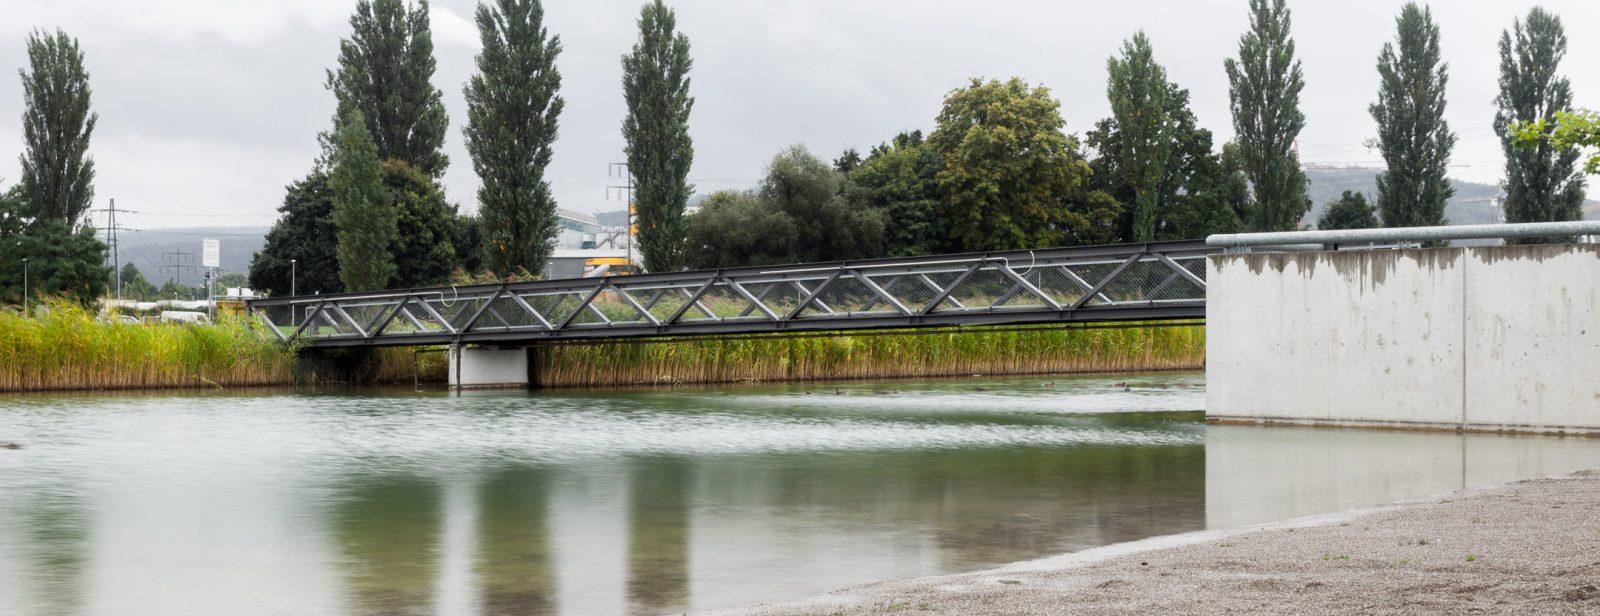 Glattpark Opfikon